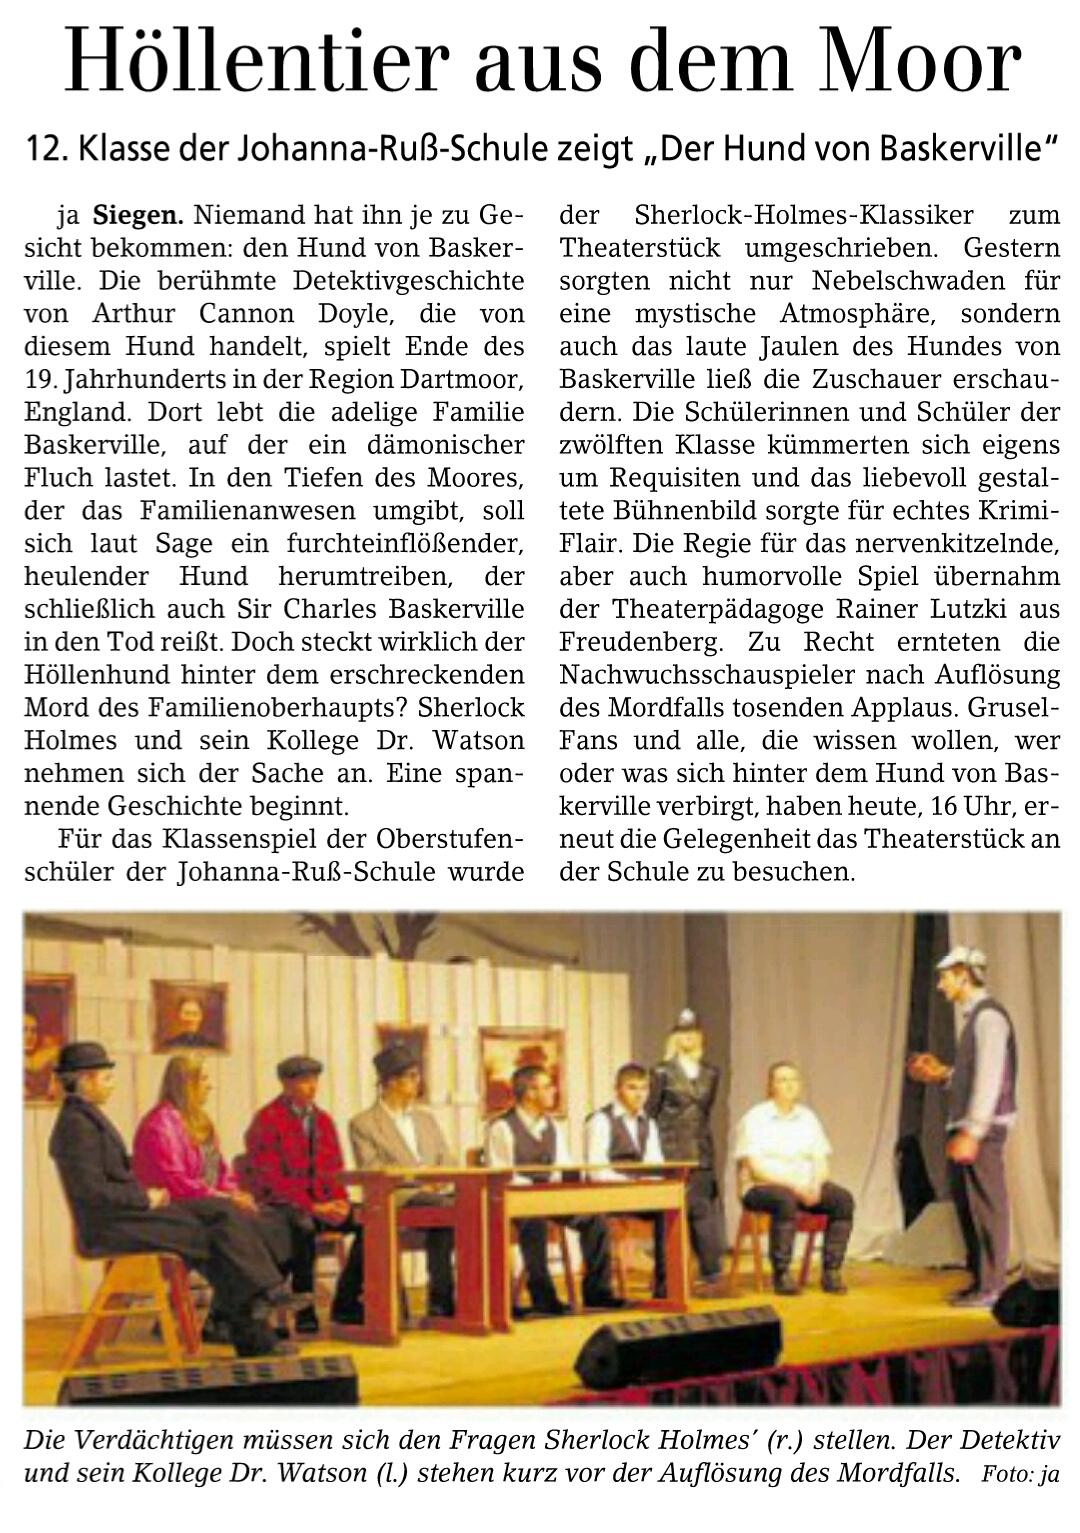 Bericht der Siegener Zeitung